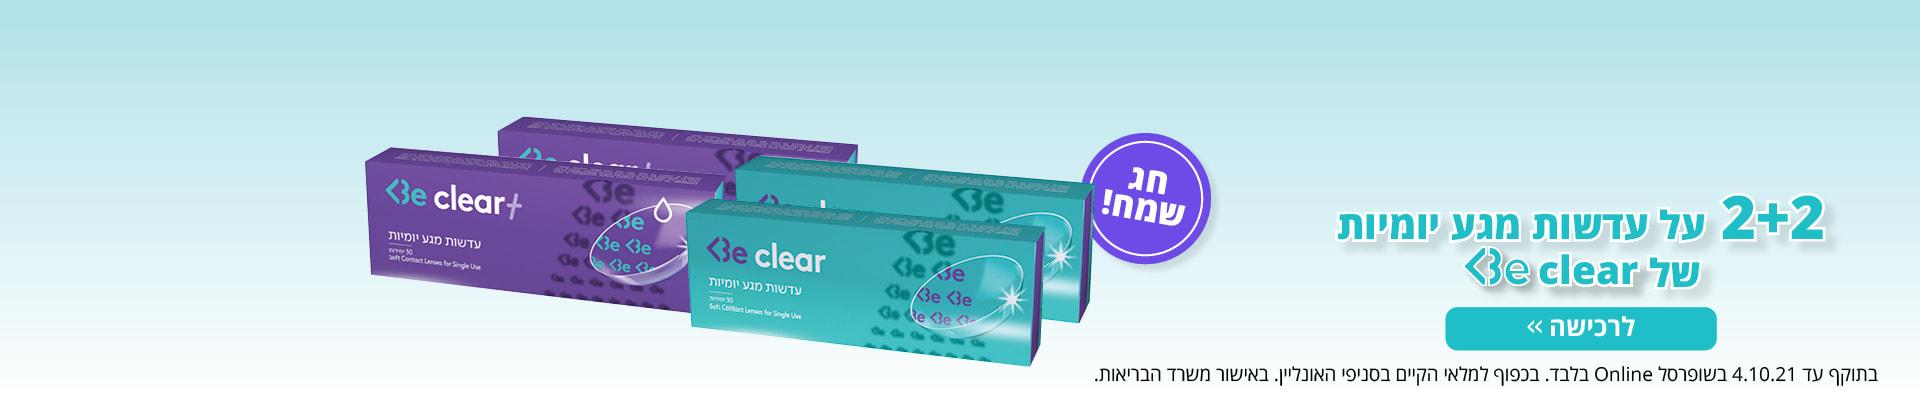 2+2 על עדשות מגע יומיות של Be clear. בתוקף עד 4.10.21  בשופרסל Online בלבד. בכפוף למלאי הקיים בסניפי האונליין. באישור משרד הבריאות. לרכישה >>